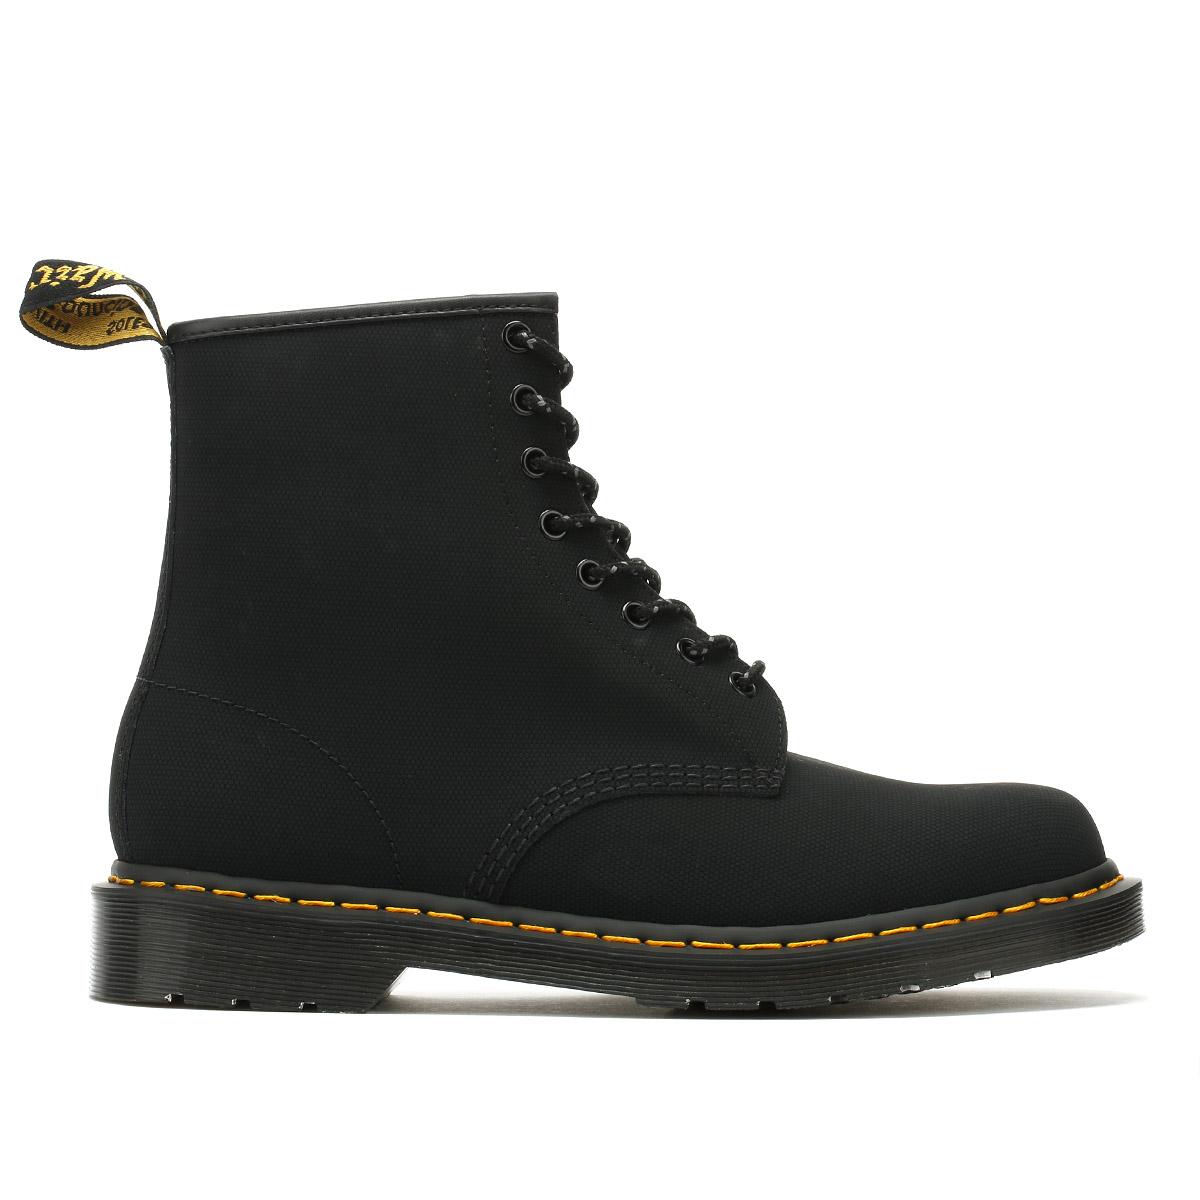 DR. Martens Da Uomo Uomo Uomo Stivali Neri Broder 1460 stringati in pelle scarpe alla caviglia 4d48d6